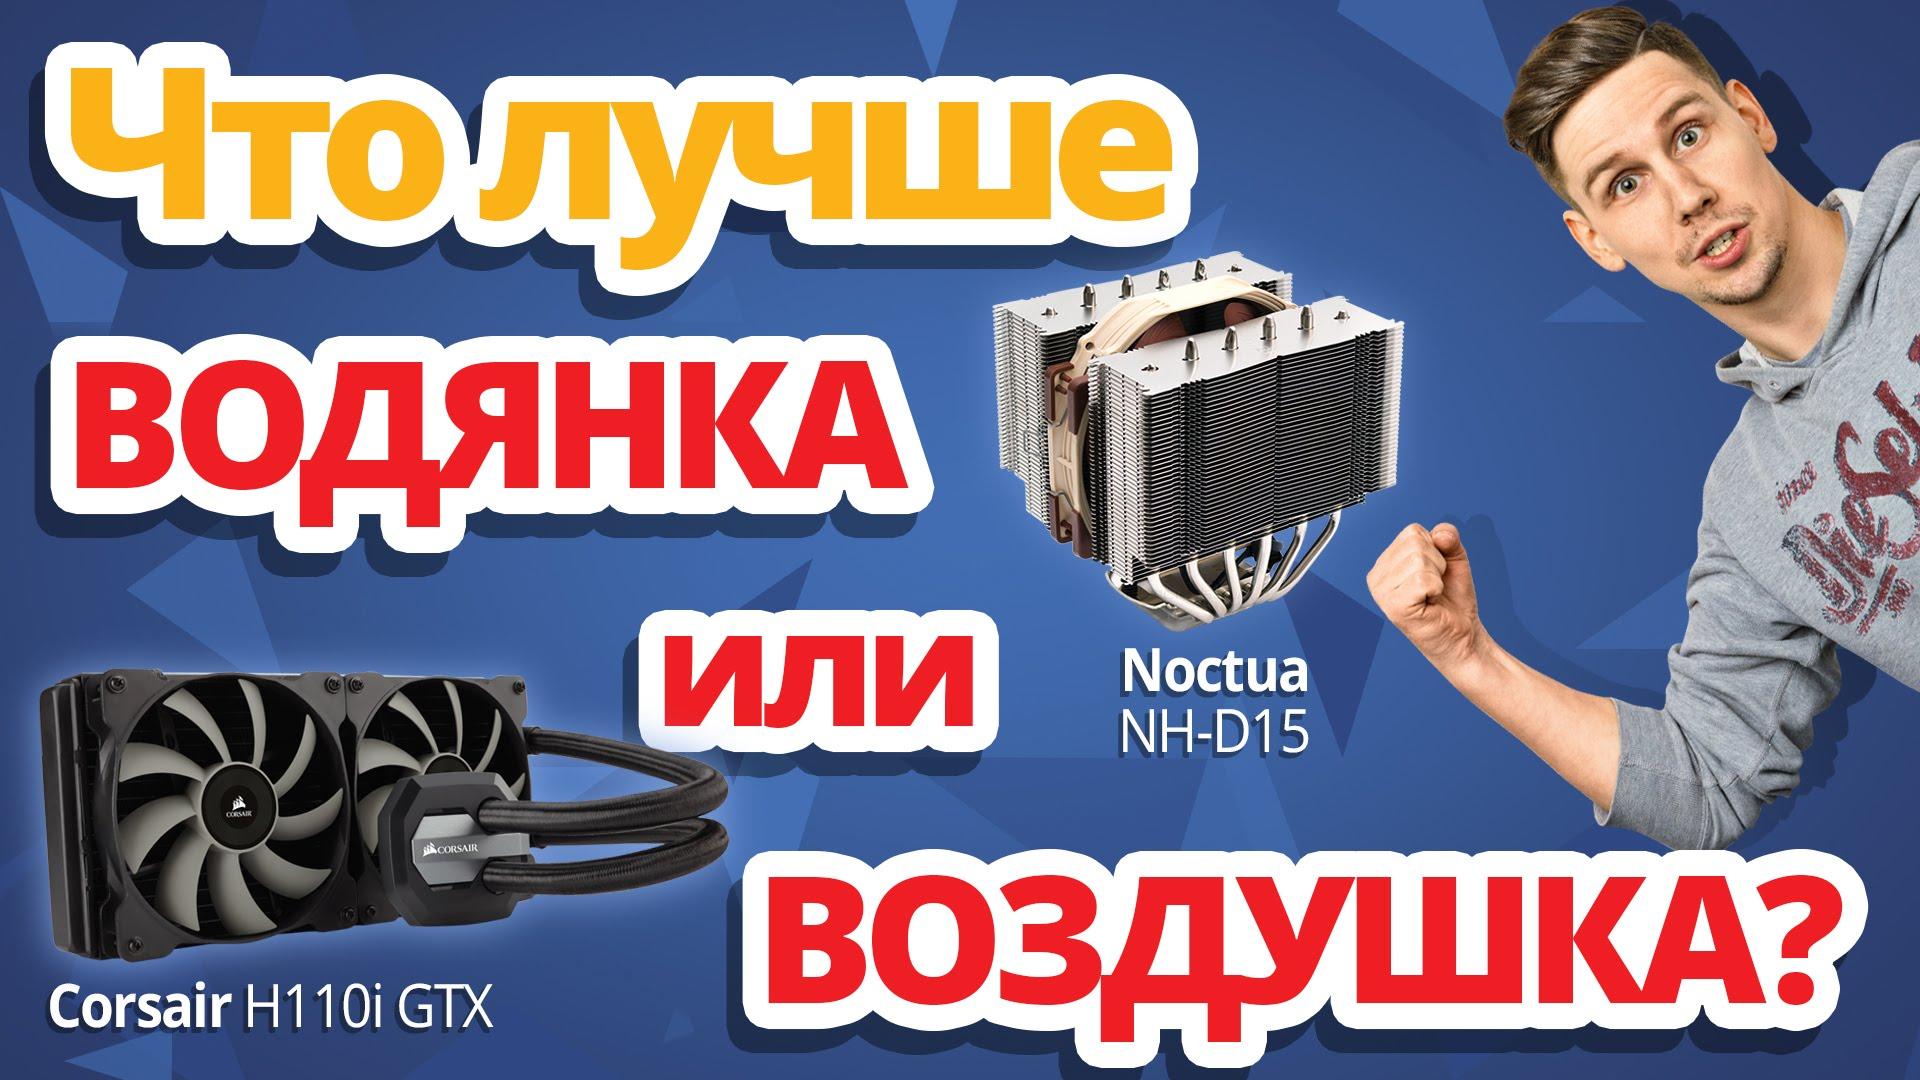 BATTLE!! Что лучше, жидкостное охлаждение VS воздушный кулер Тест СЖО Corsair H110i GTX